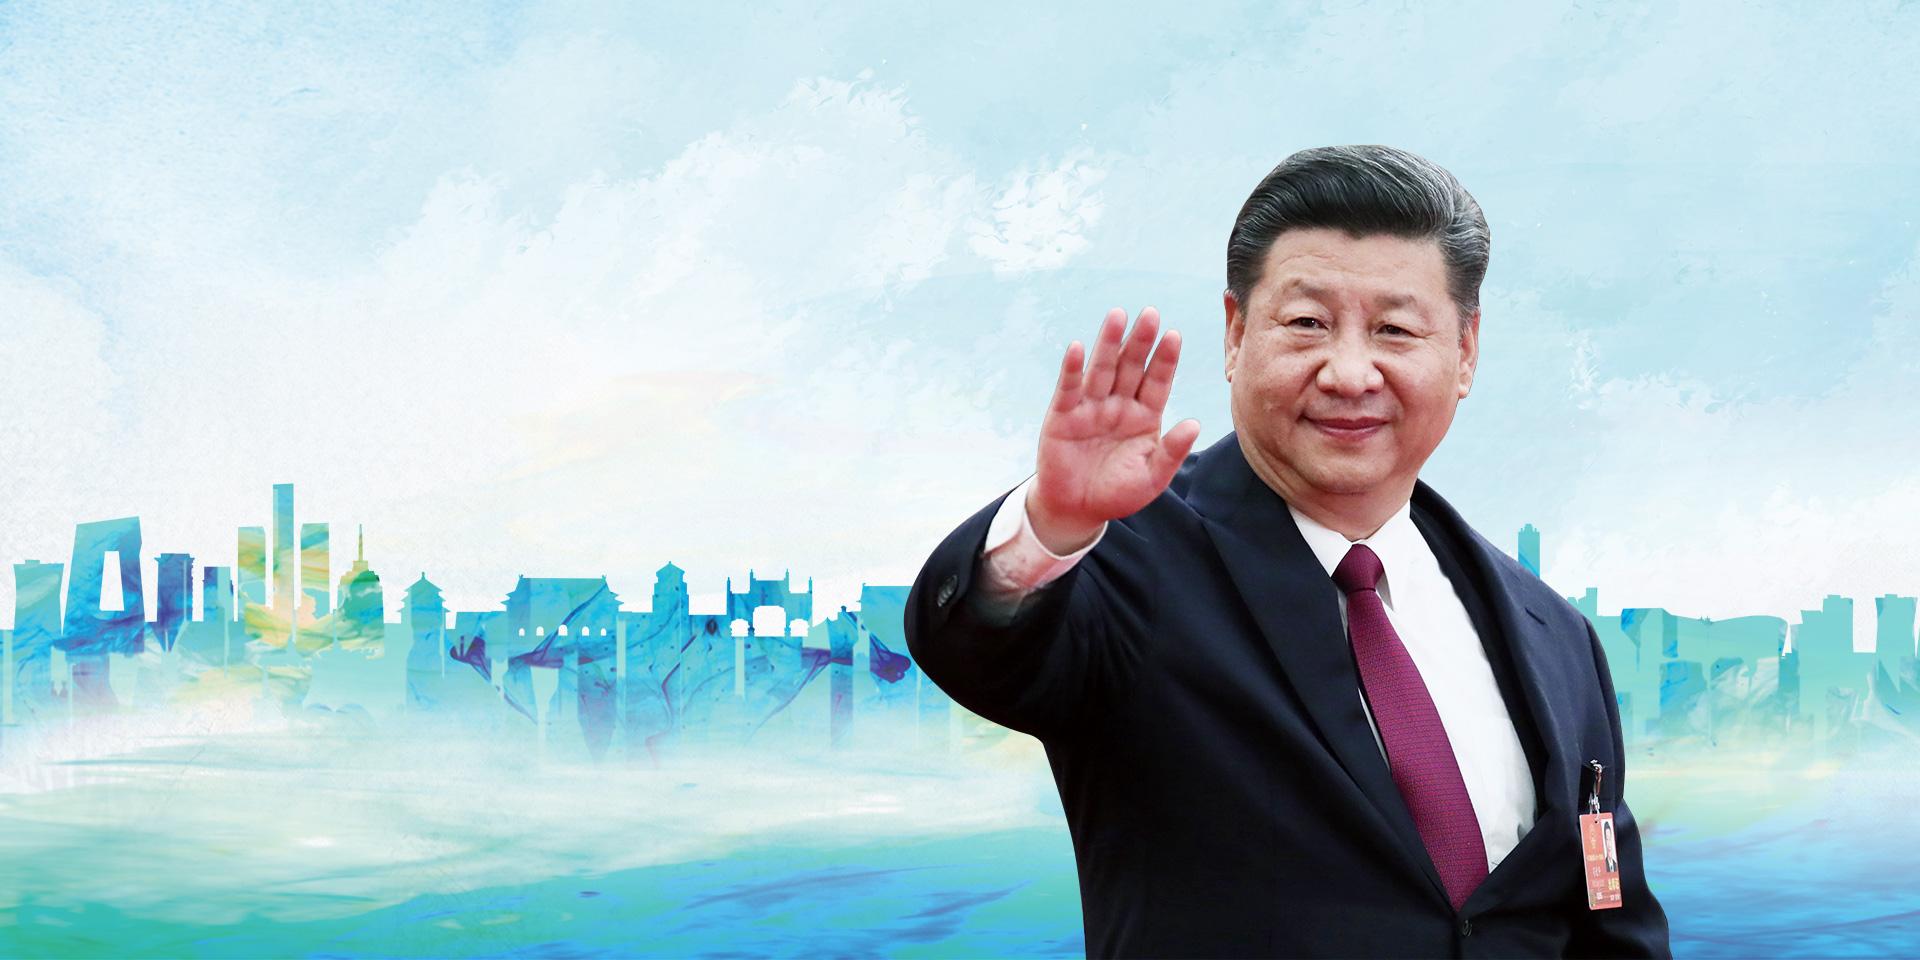 中国开放的大门不会关闭,只会越开越大!